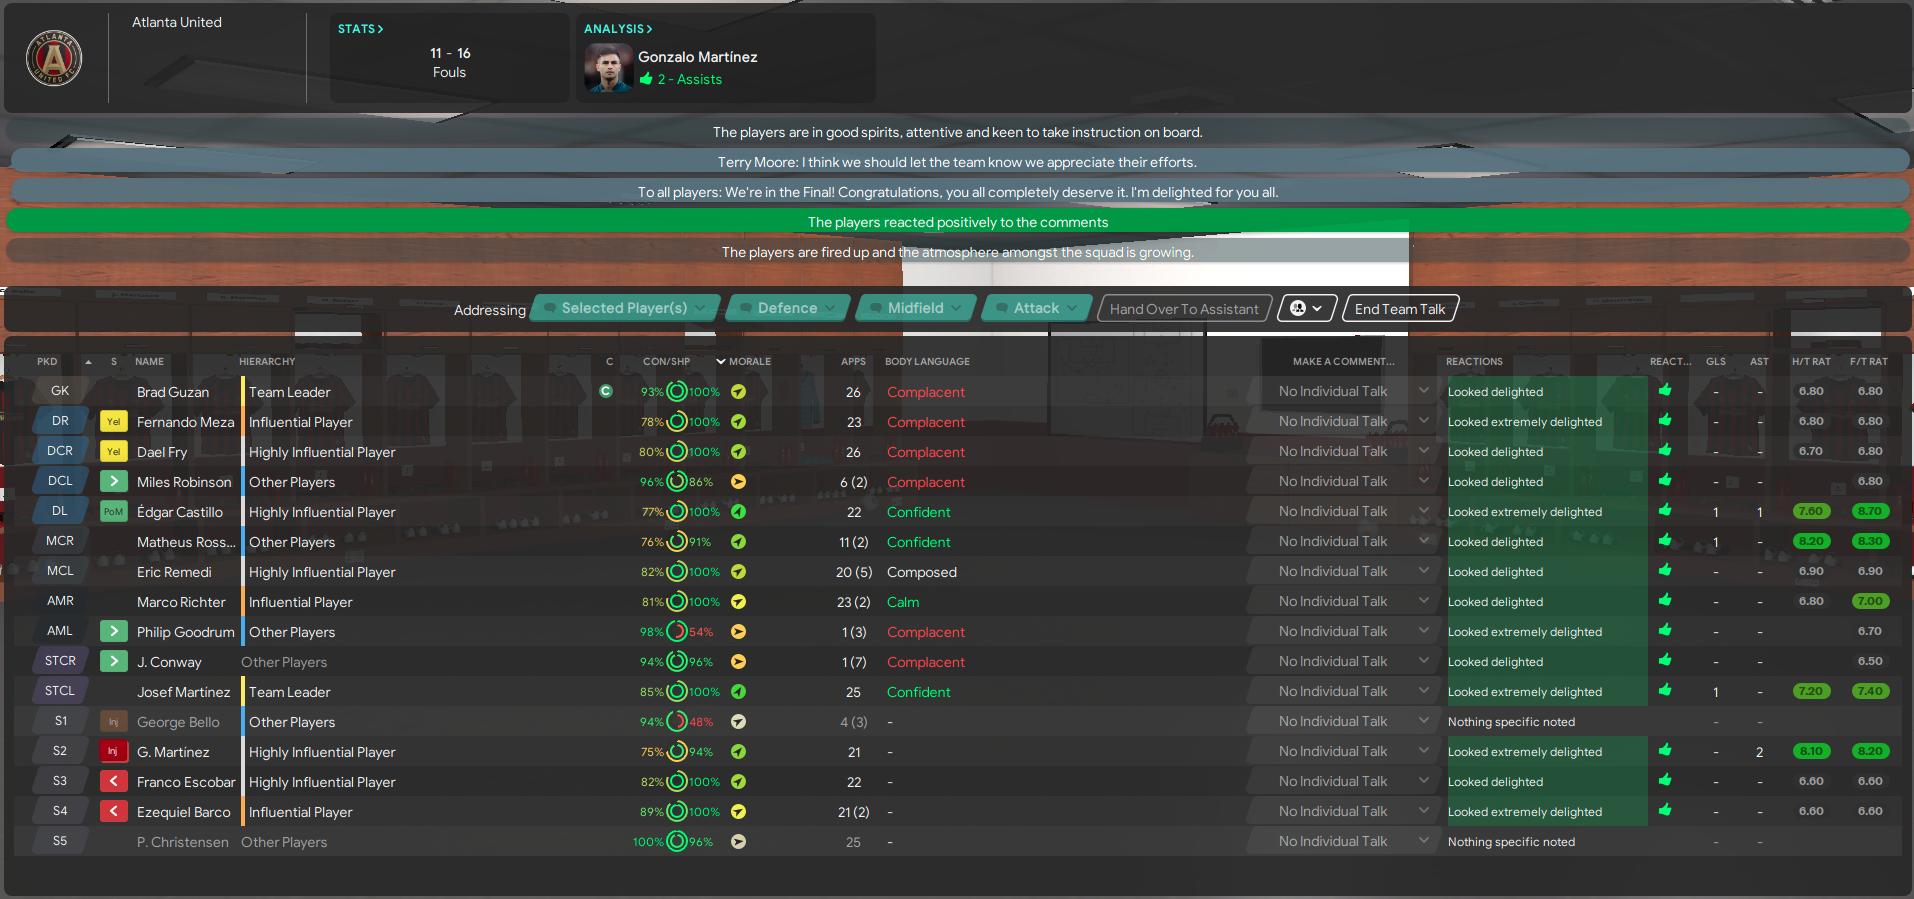 Screenshot 2020-04-16 at 23.22.31.png